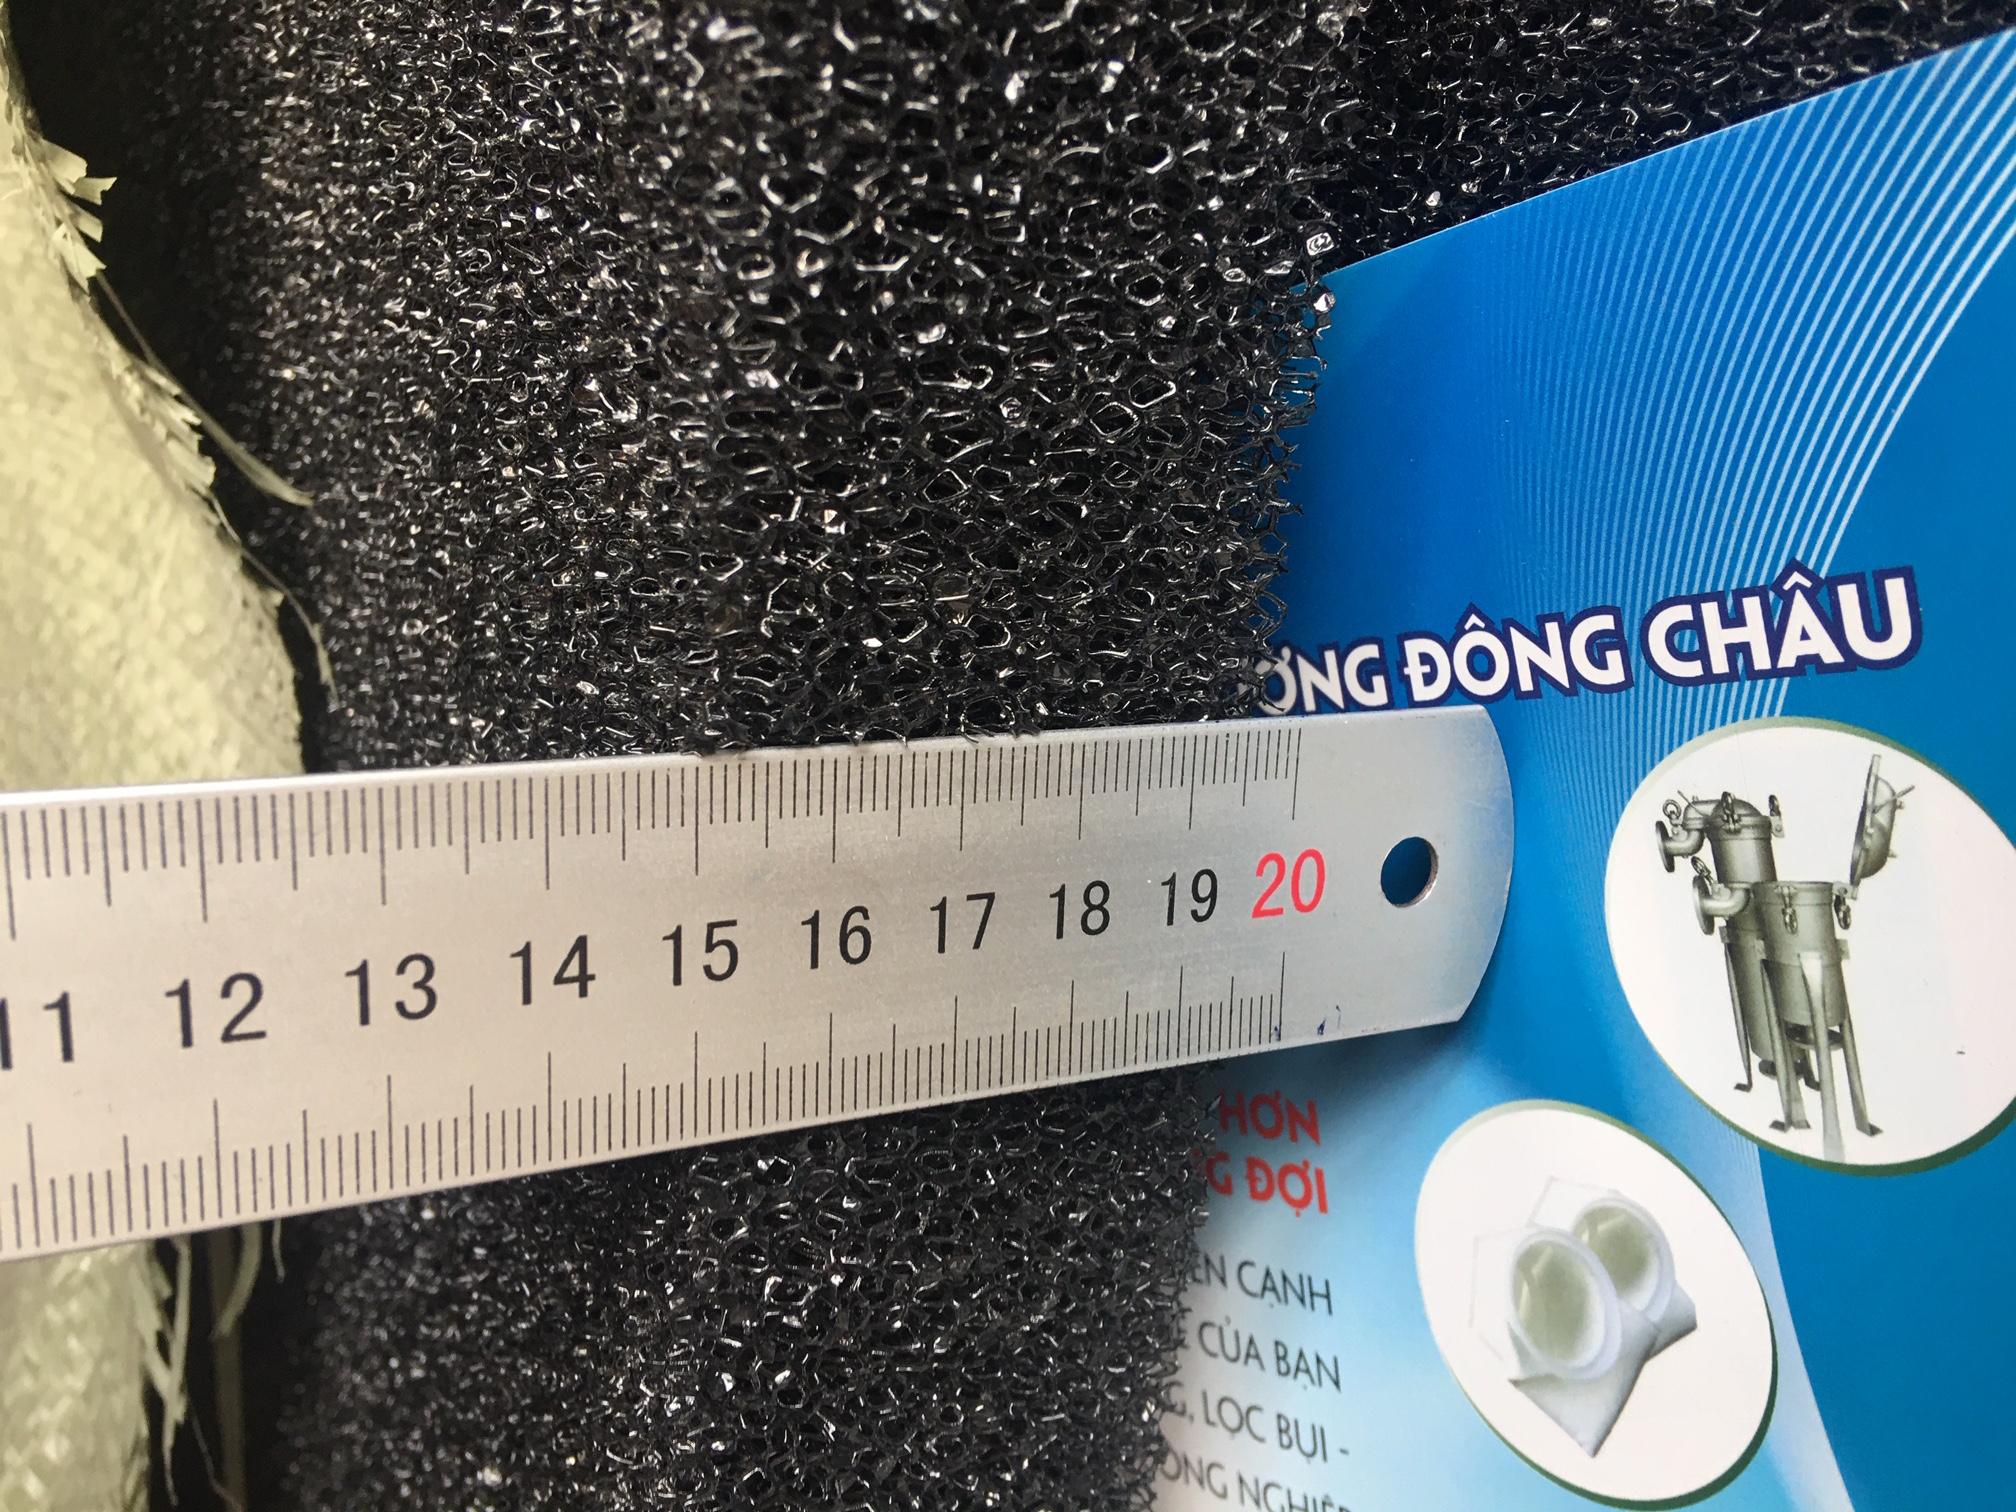 Foam Mouse Mút Xốp Lọc Bụi Lọc Khí Dày 50mm